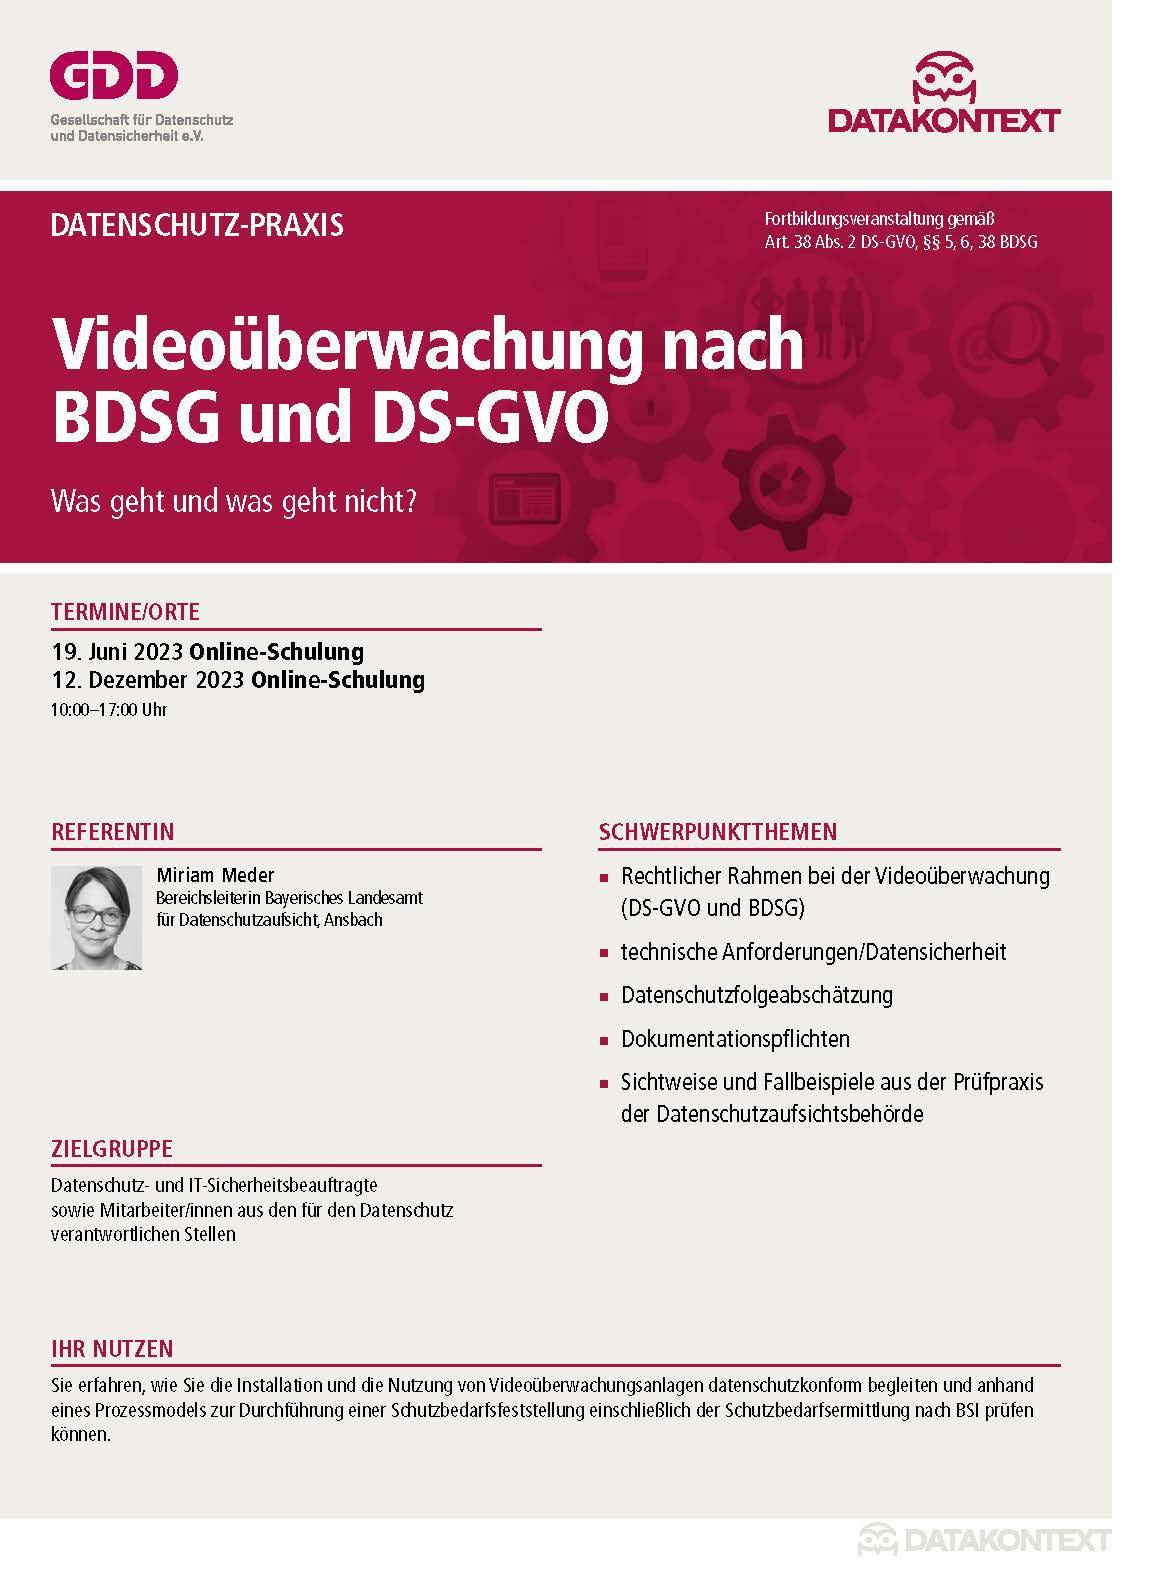 Videoüberwachung nach BDSG und DS-GVO